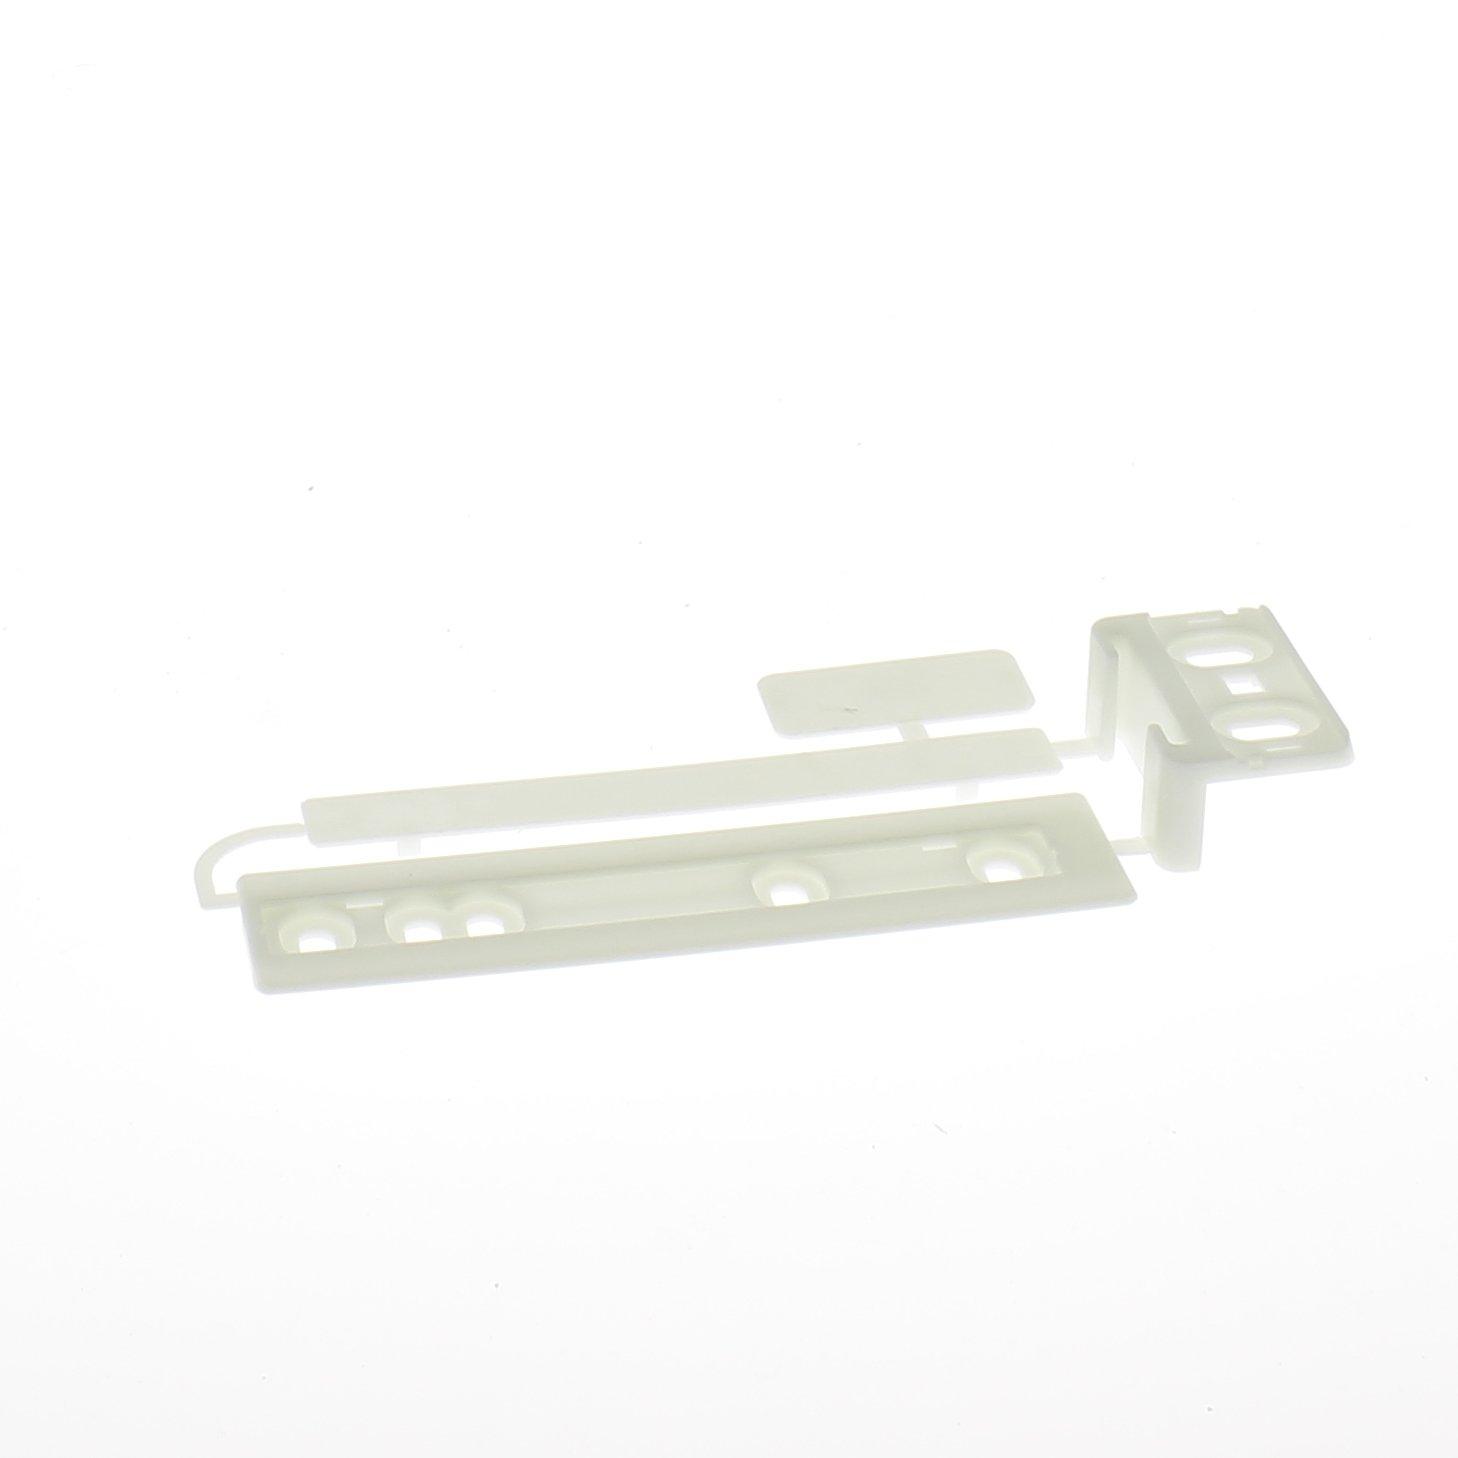 Electrolux - Kit de montaje de puerta integrable: Amazon.es ...